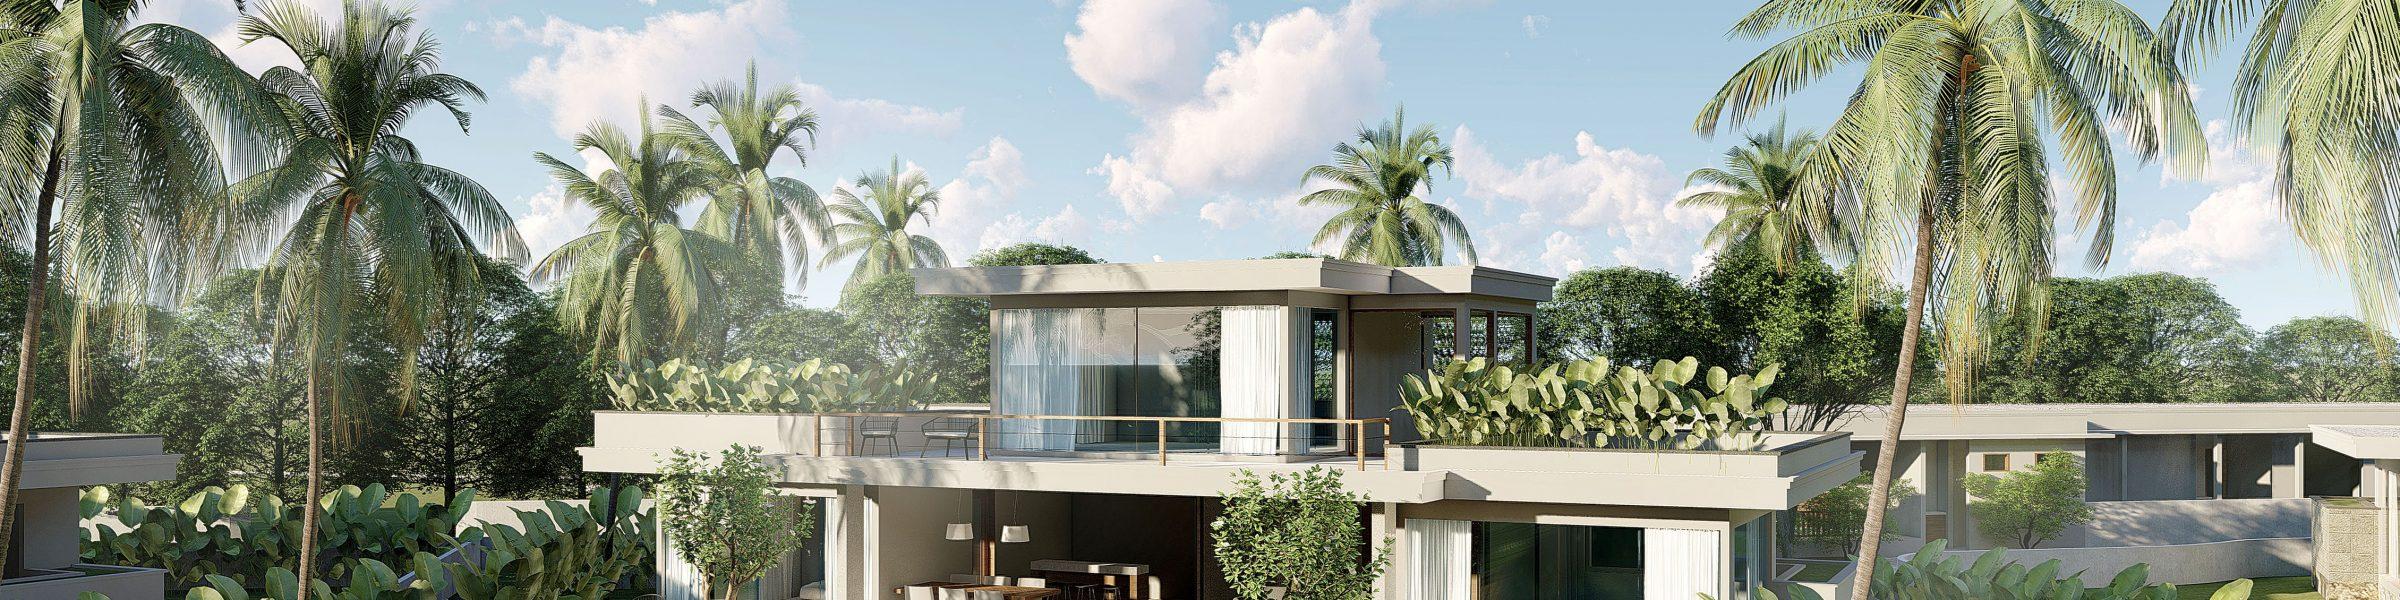 awang luxury residences